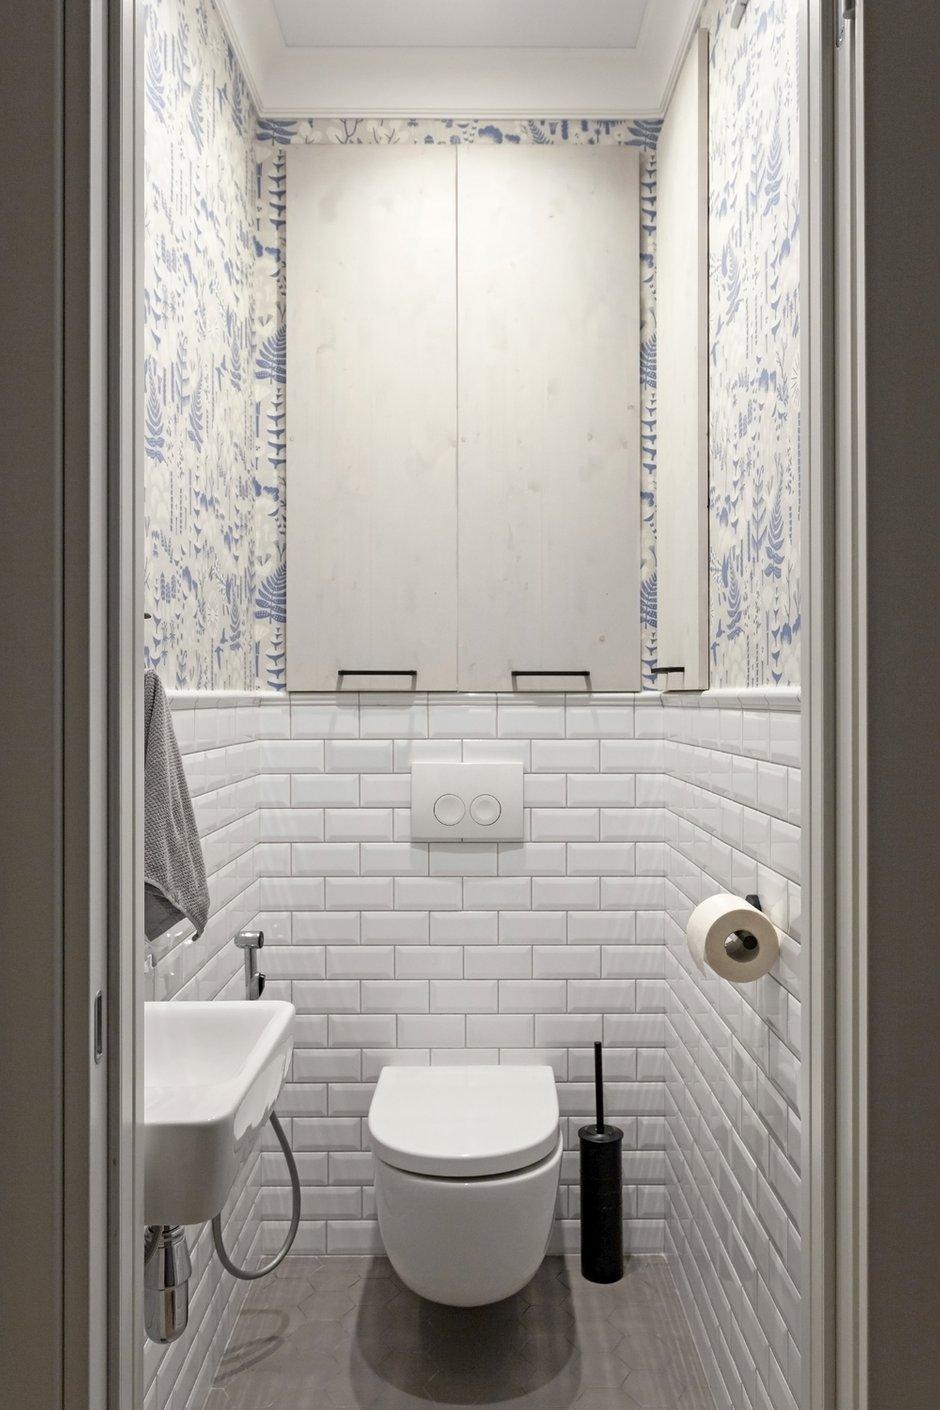 Фотография: Ванная в стиле Скандинавский, Квартира, Проект недели, Санкт-Петербург, 3 комнаты, 60-90 метров, Светлана Куксова – фото на INMYROOM